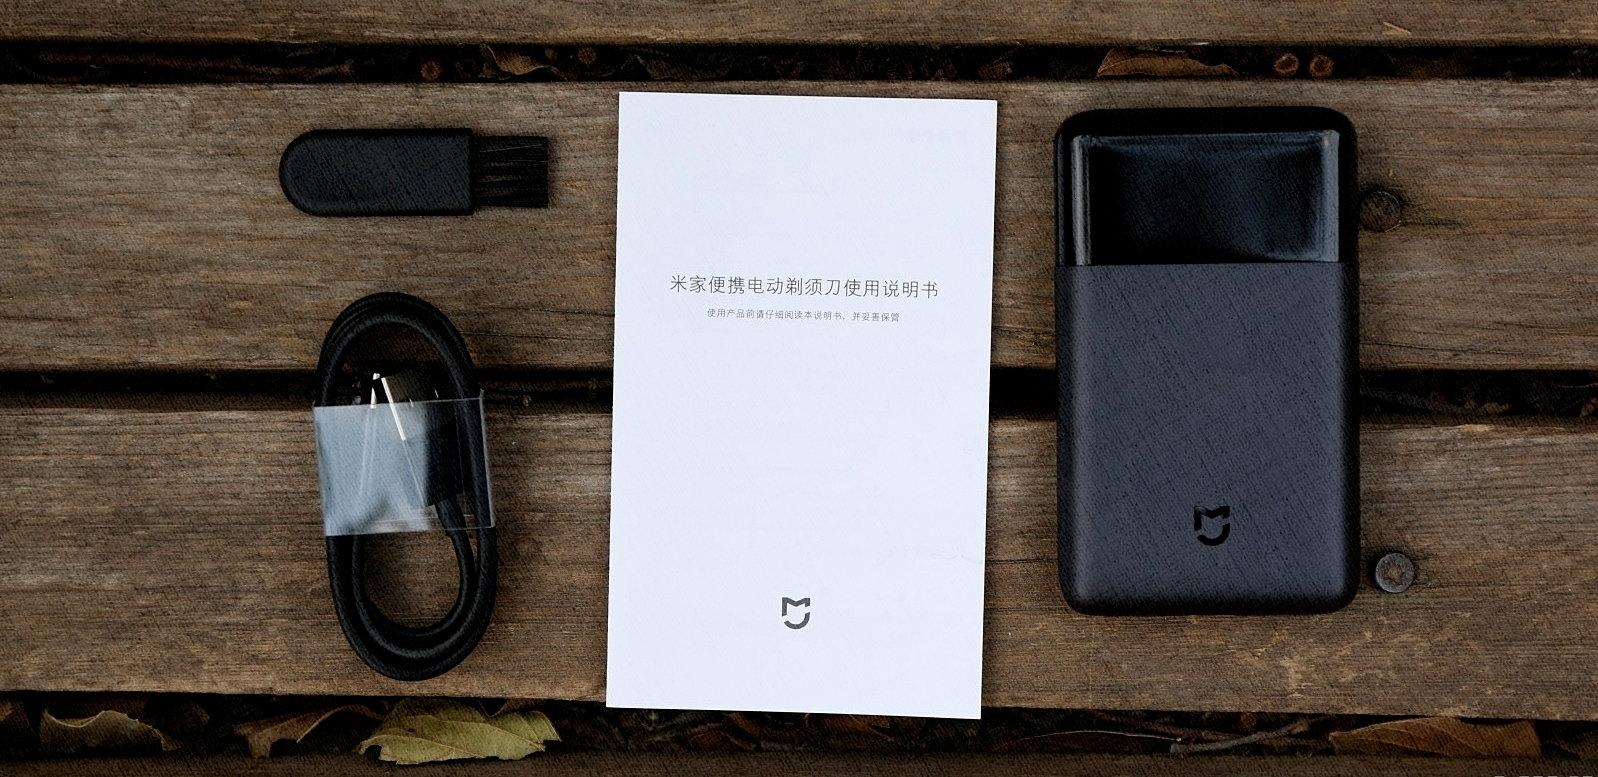 по отзывам лучшая Xiaomi Mijia Portable Electric Shaver